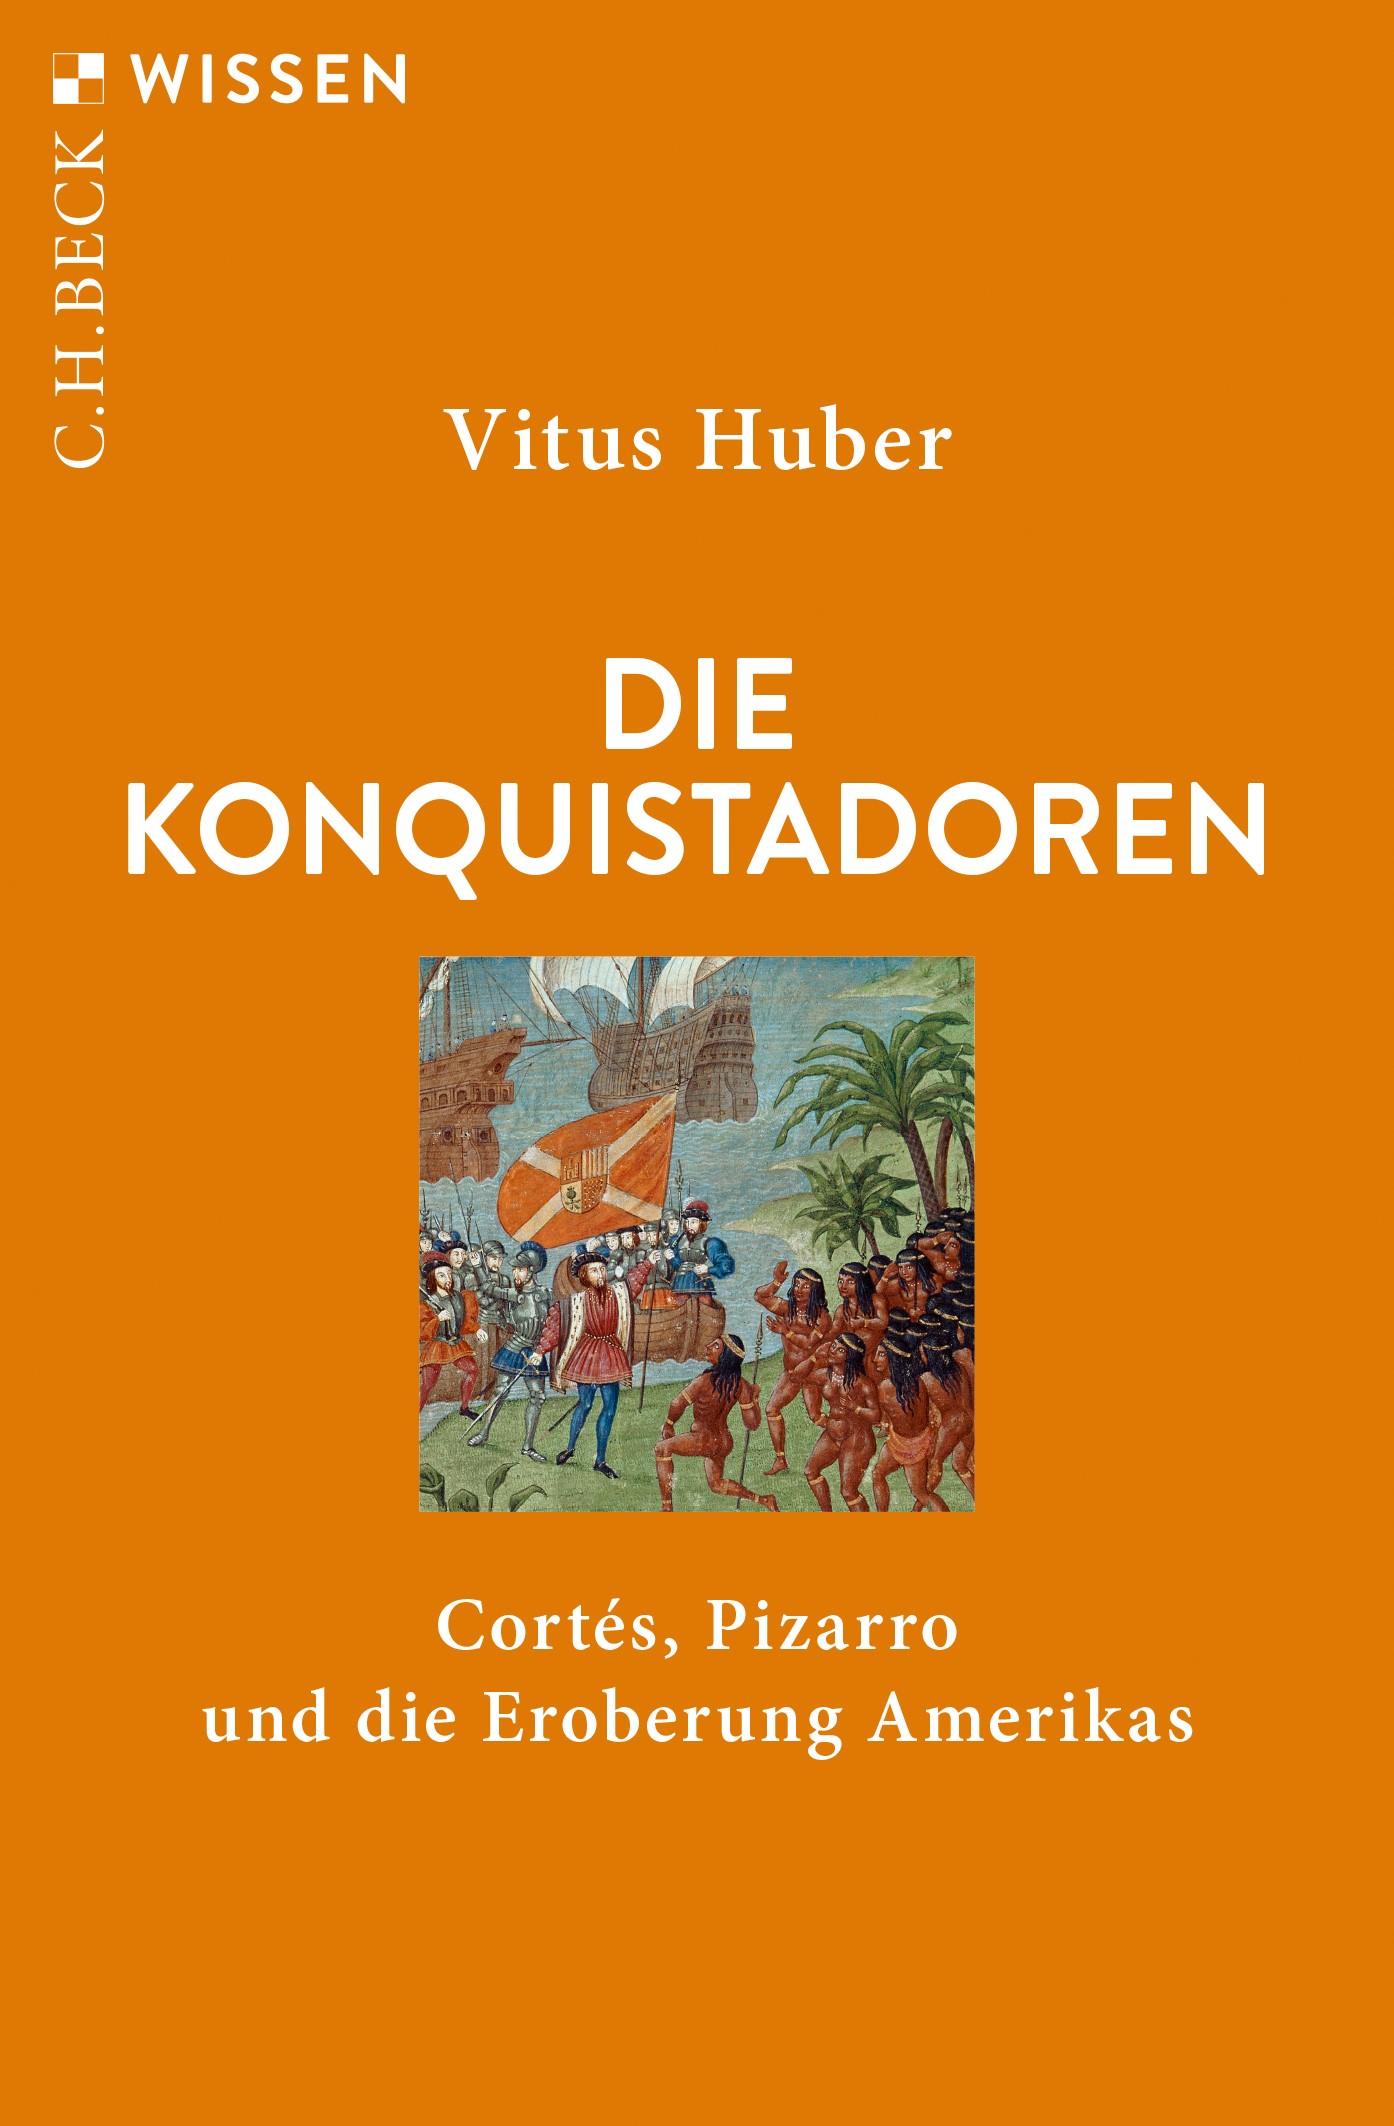 Die Konquistadoren | Huber, Vitus, 2018 | Buch (Cover)